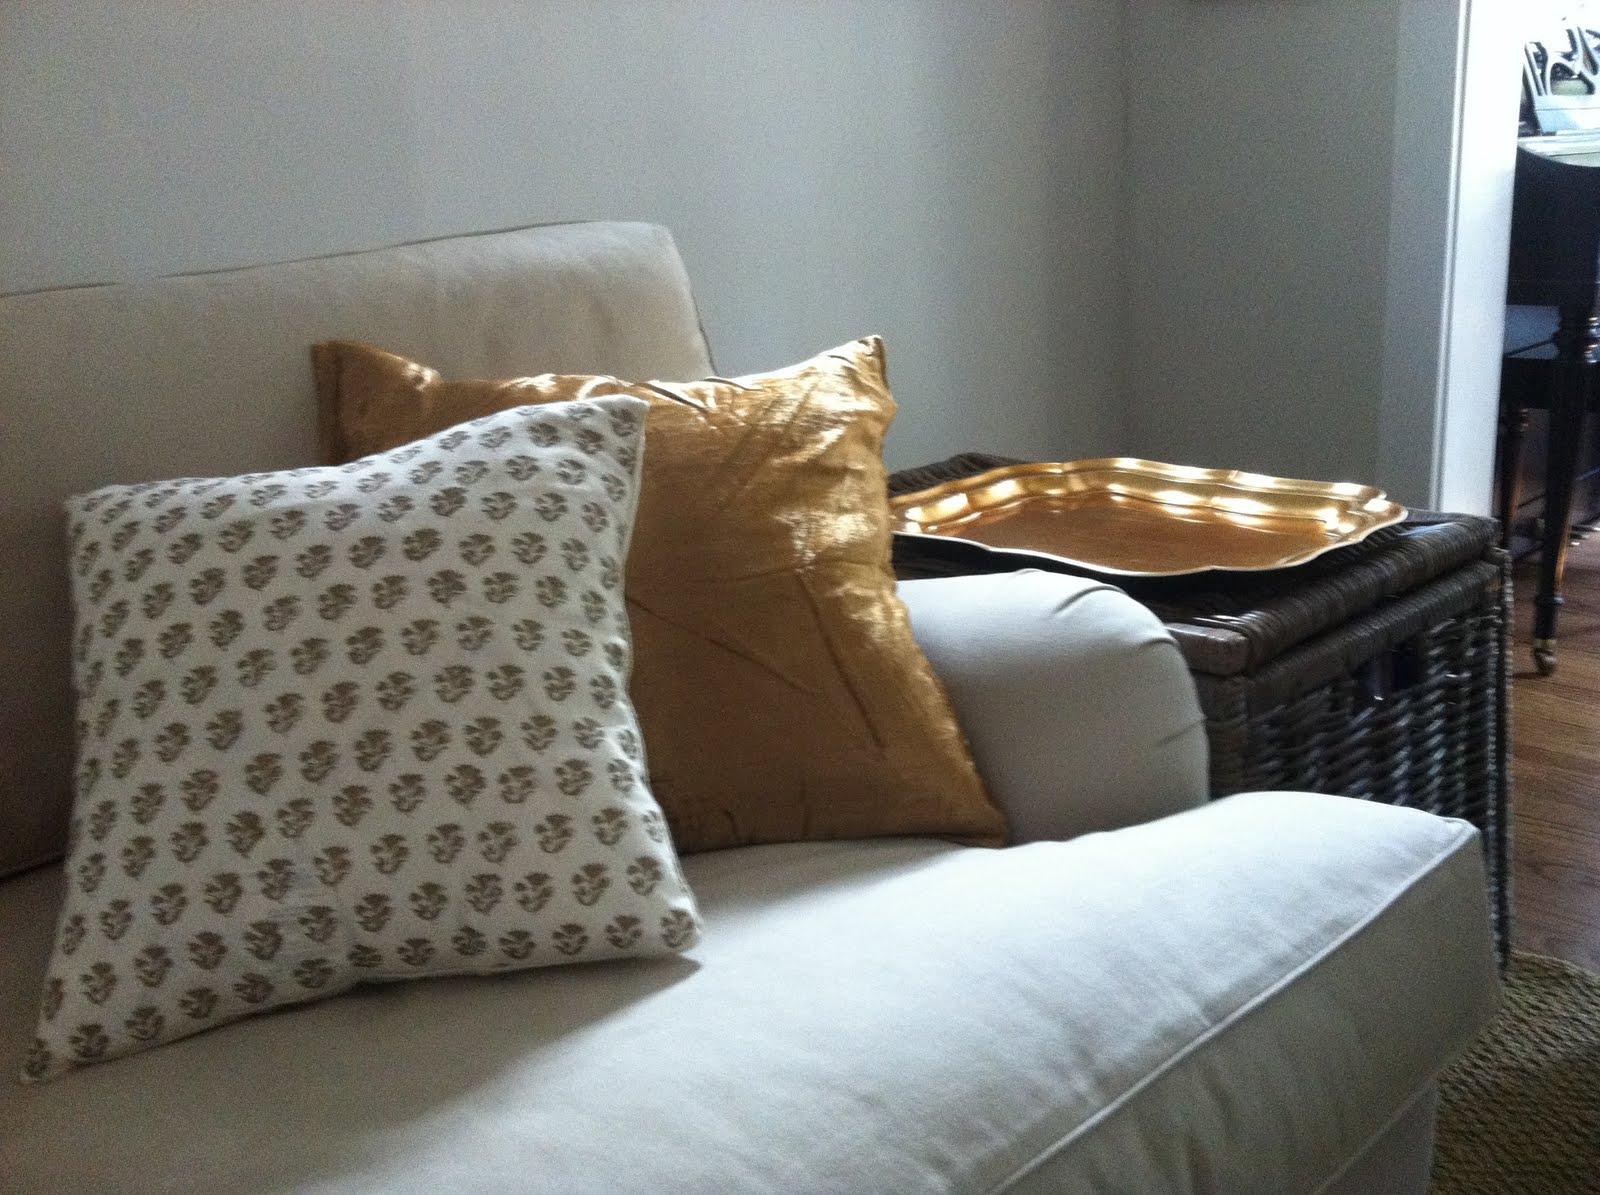 Alex Chair Arhaus Mat For Hardwood Floors Wonderwall Update On My Living Room New Lamp Rug Etc